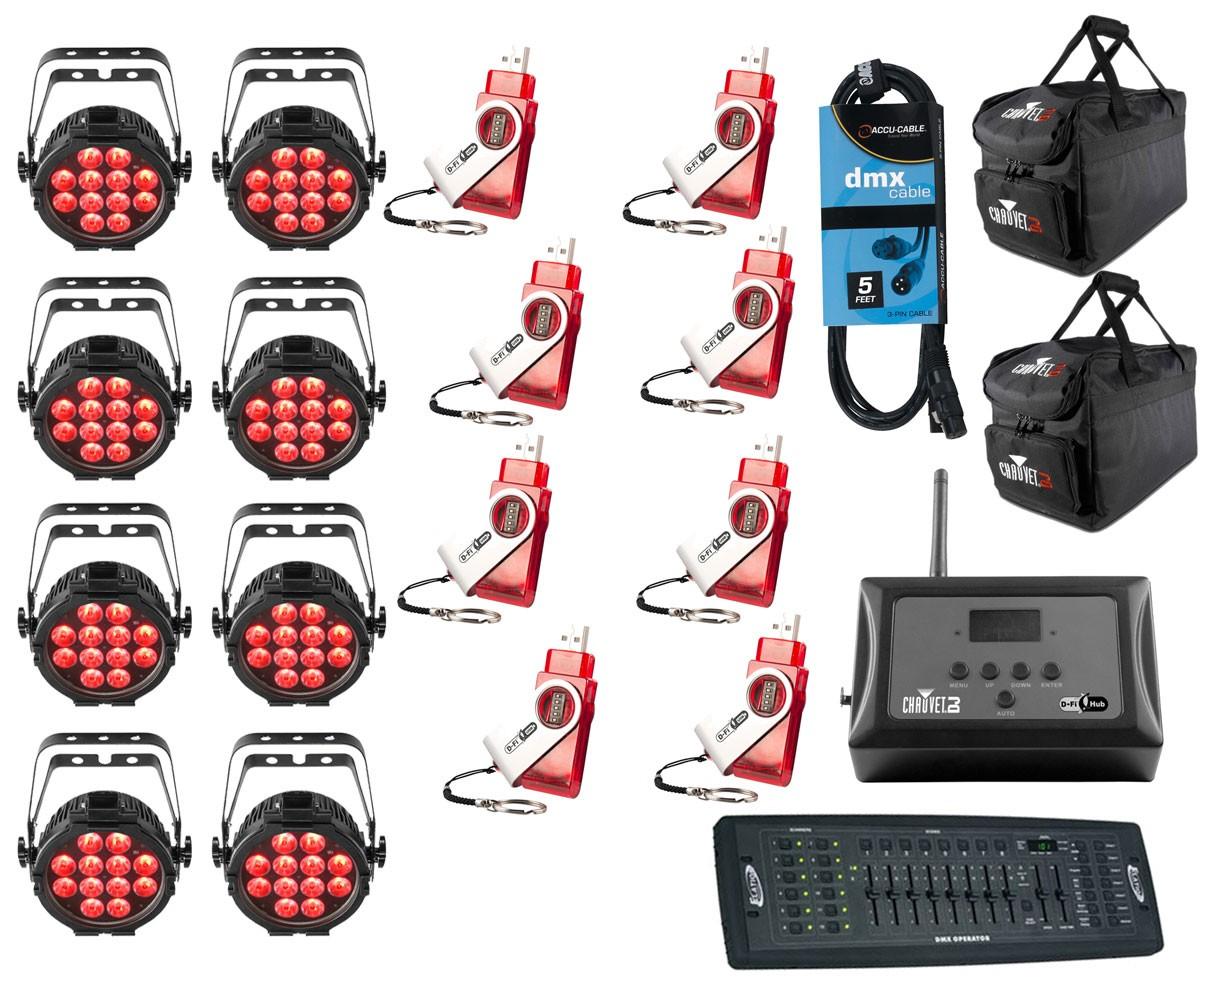 8x Chauvet SlimPAR Pro Q USB + D-Fi 8-Pack with Hub + Controller + Cable + Bags